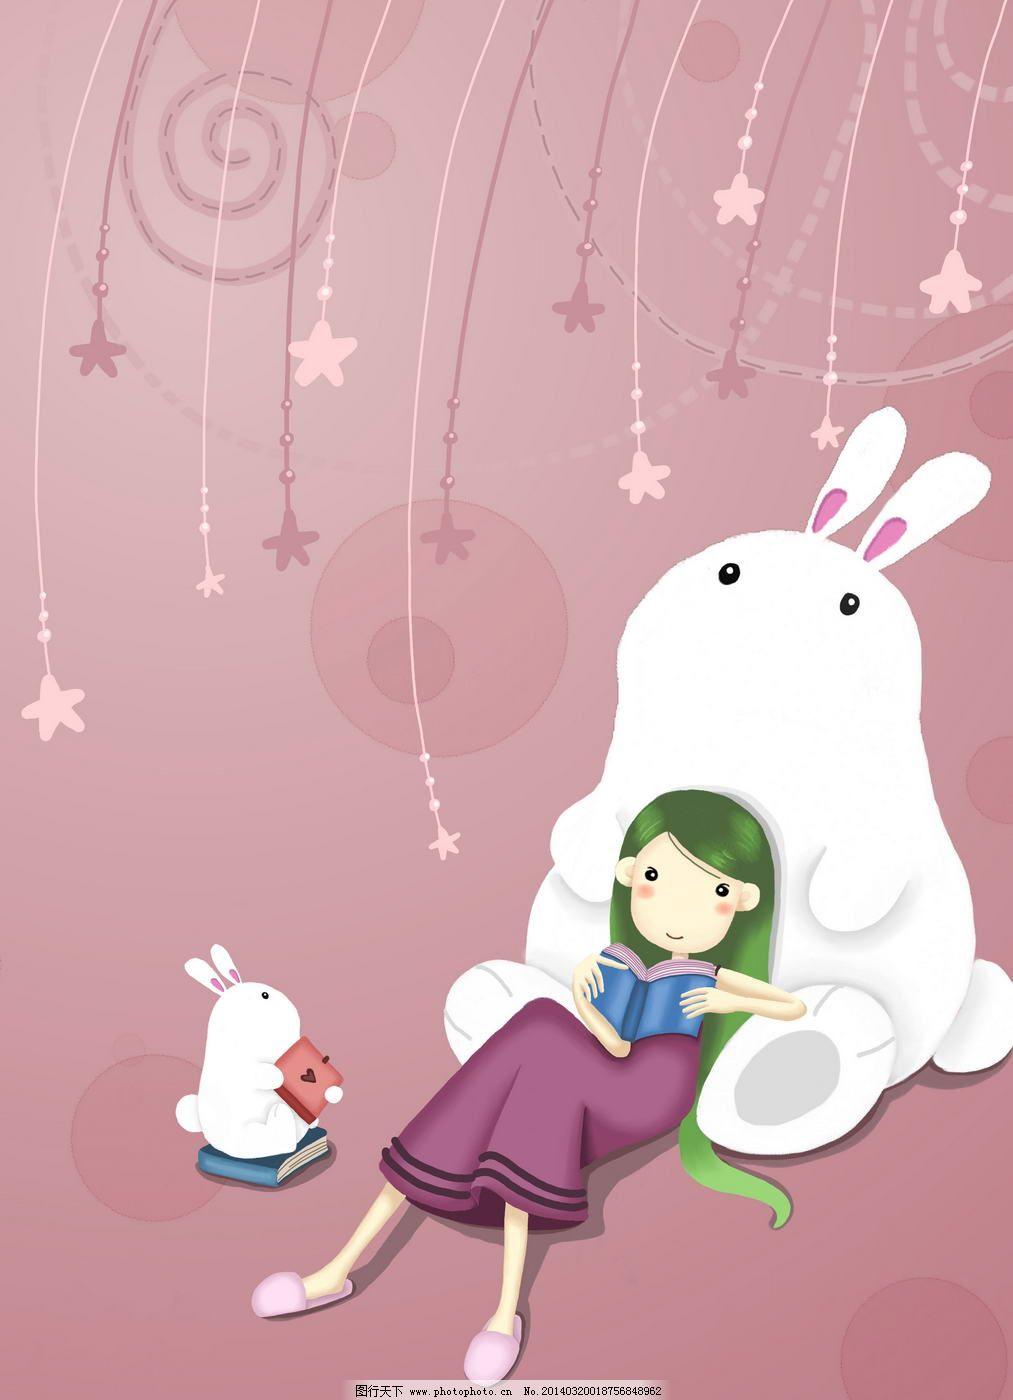 躺在兔子身上的女孩_可爱卡通